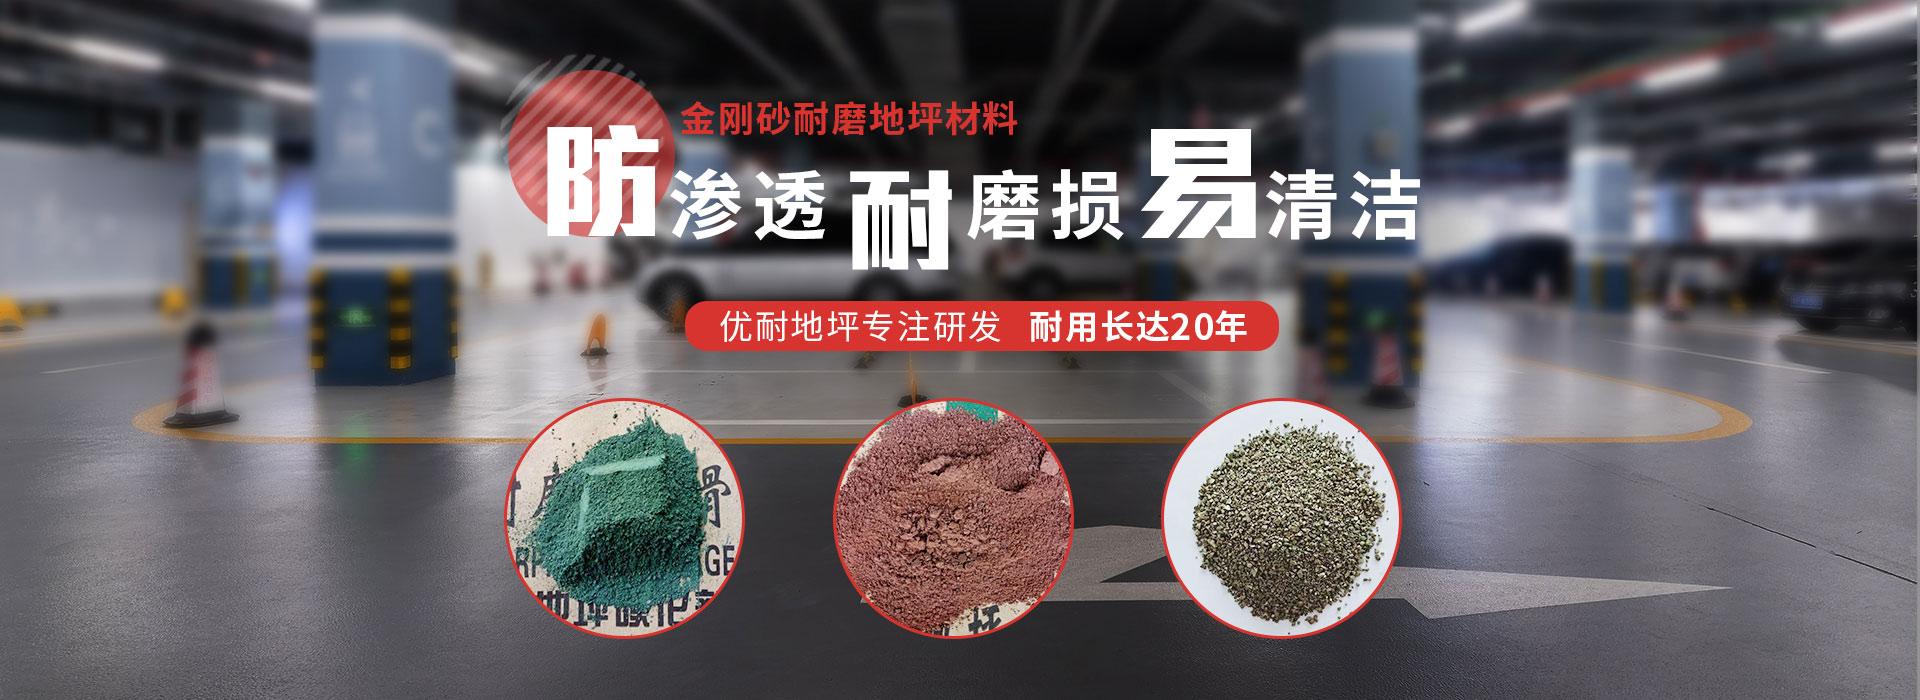 优耐地坪金刚砂耐磨地坪材料防渗透耐磨损易清洁